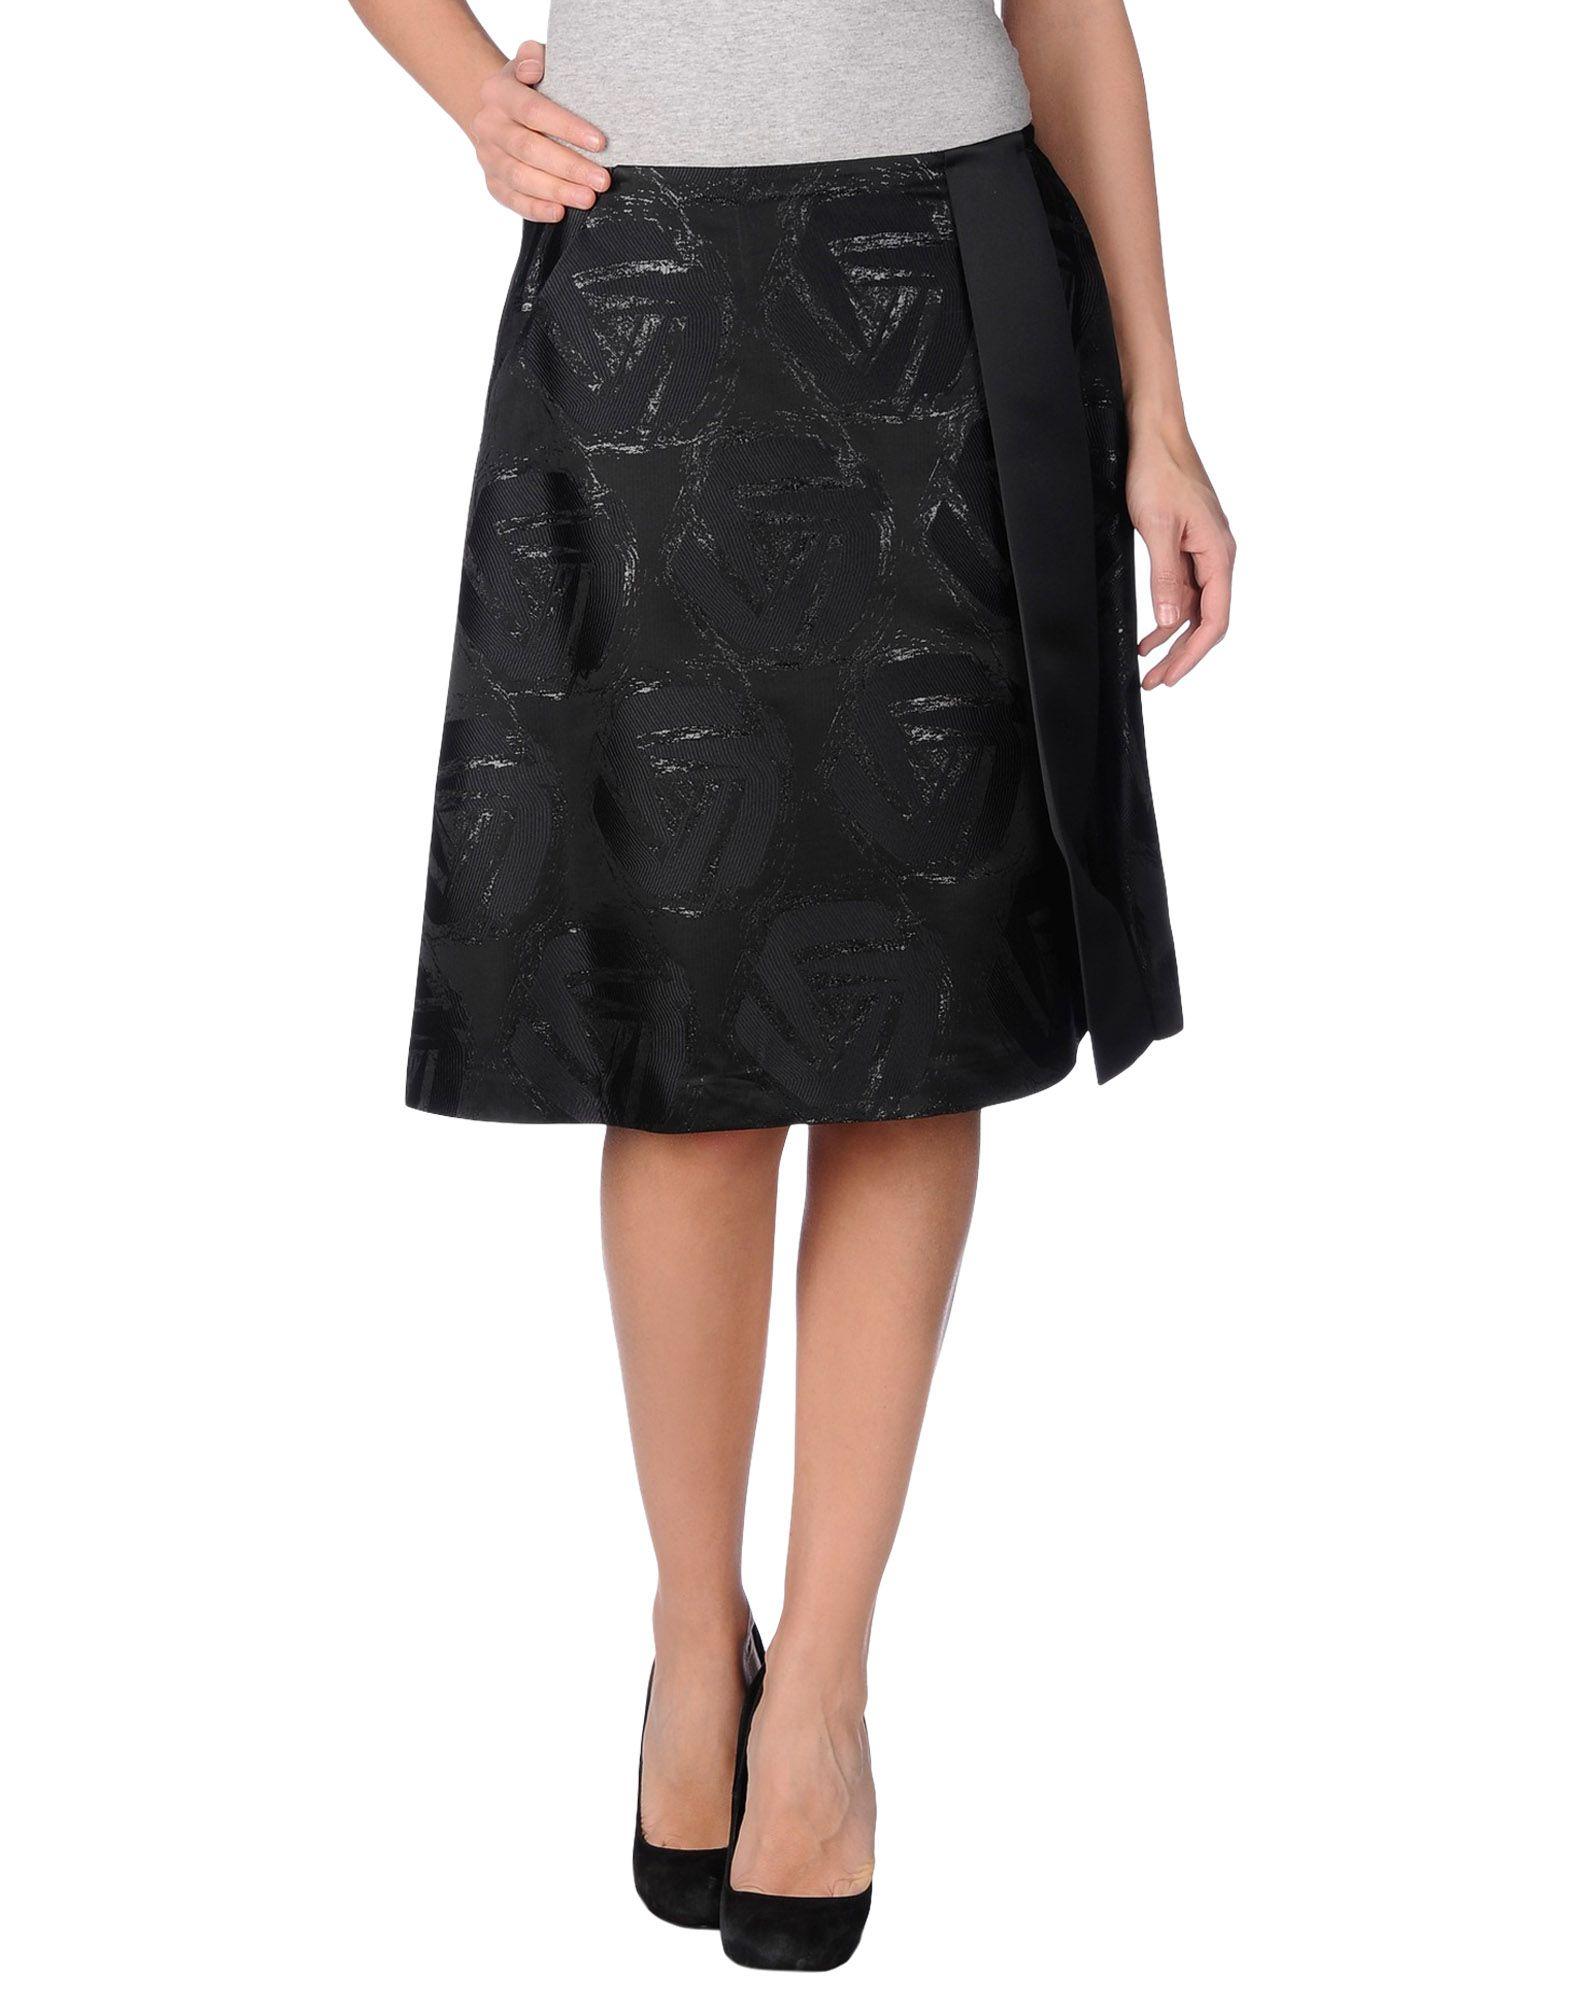 jil sander navy knee length skirt in black lyst